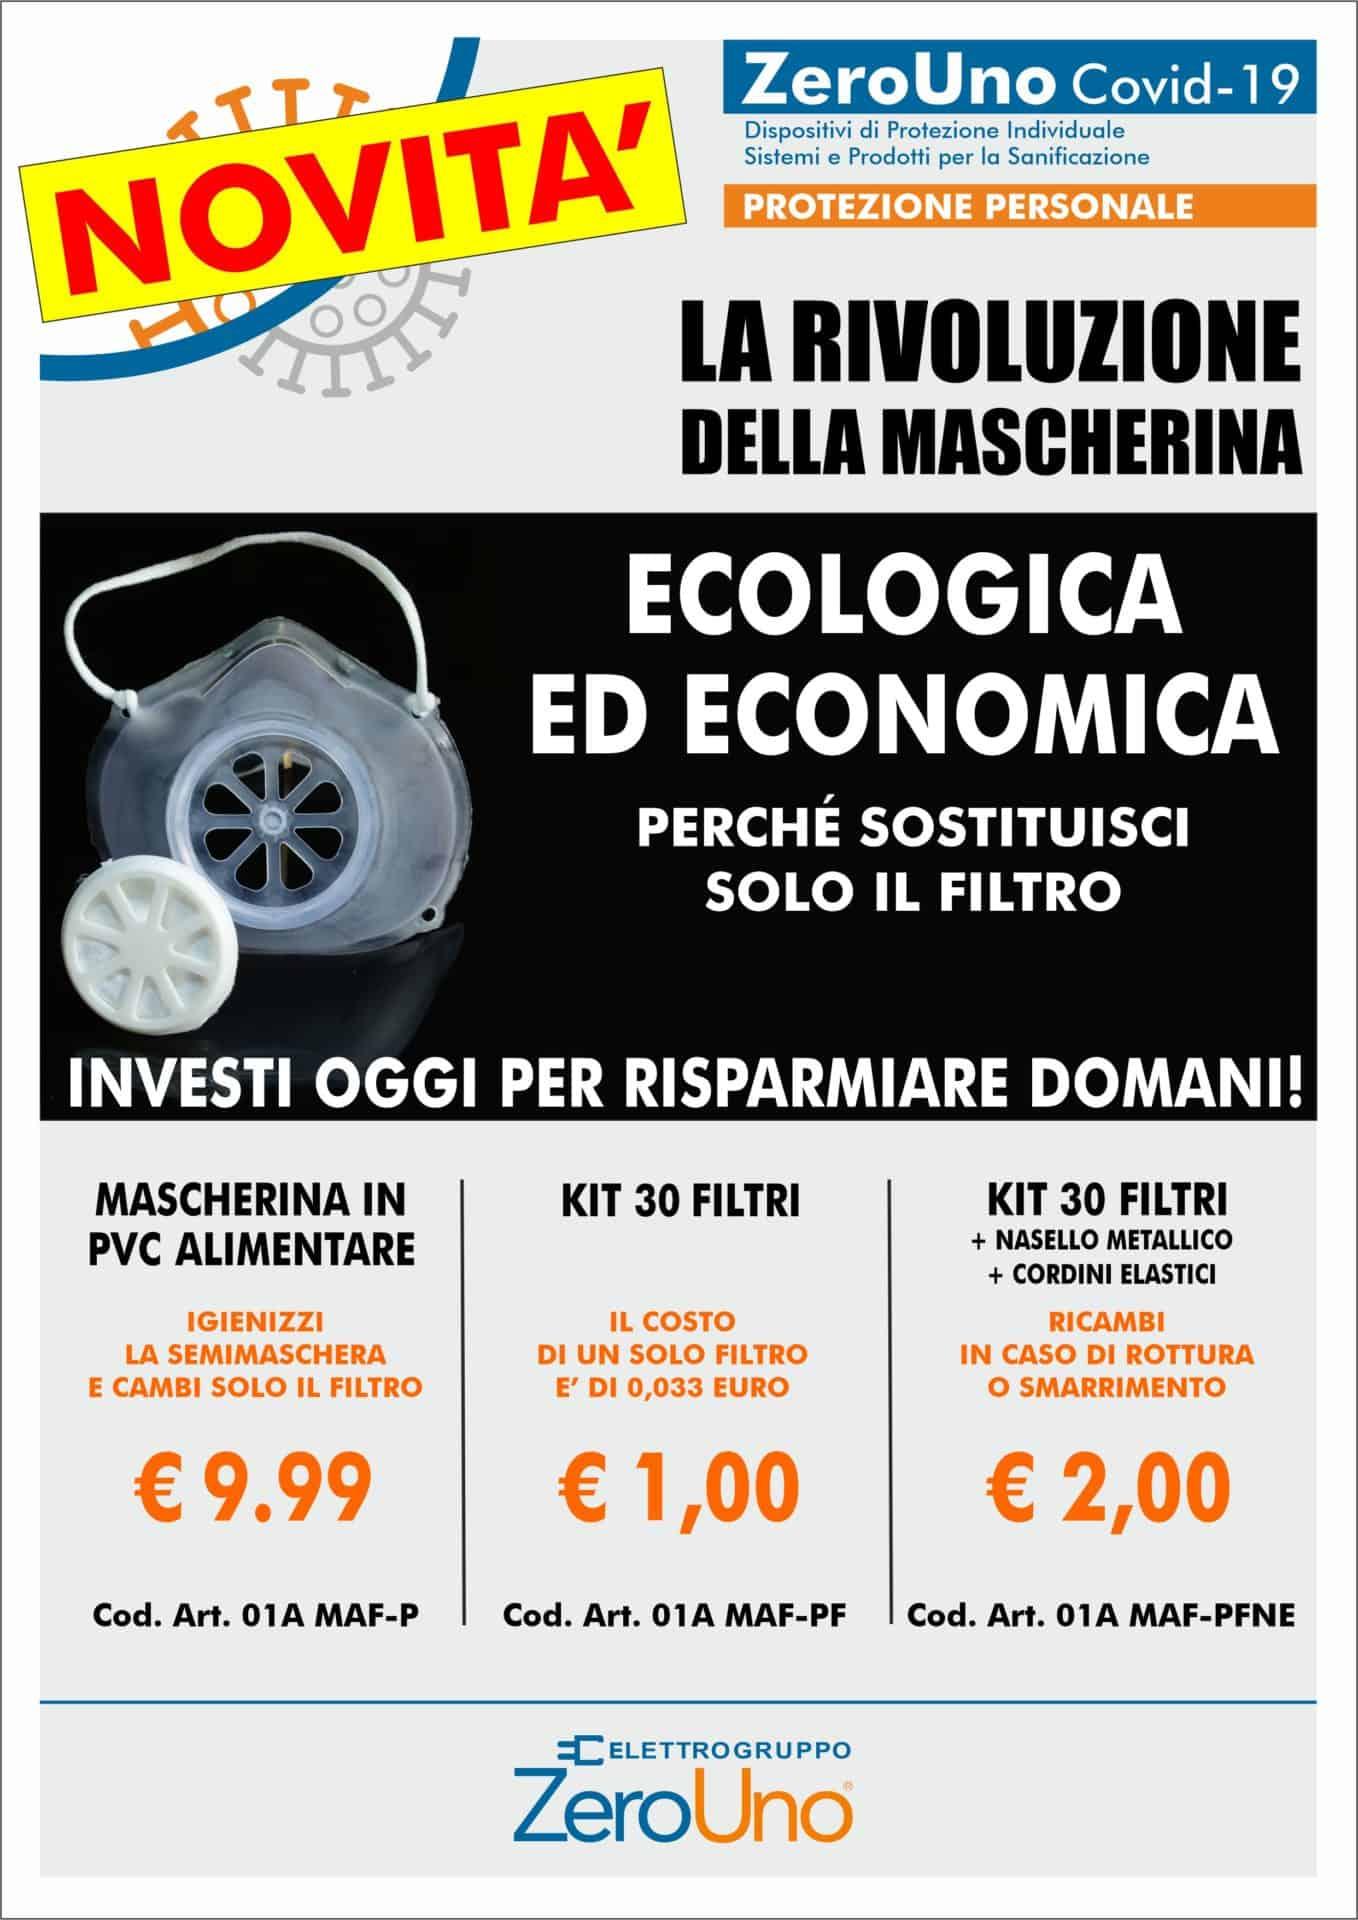 Covid-19 dispositivi di protezione | Elettrogruppo ZeroUno | Torino | mascherine promo